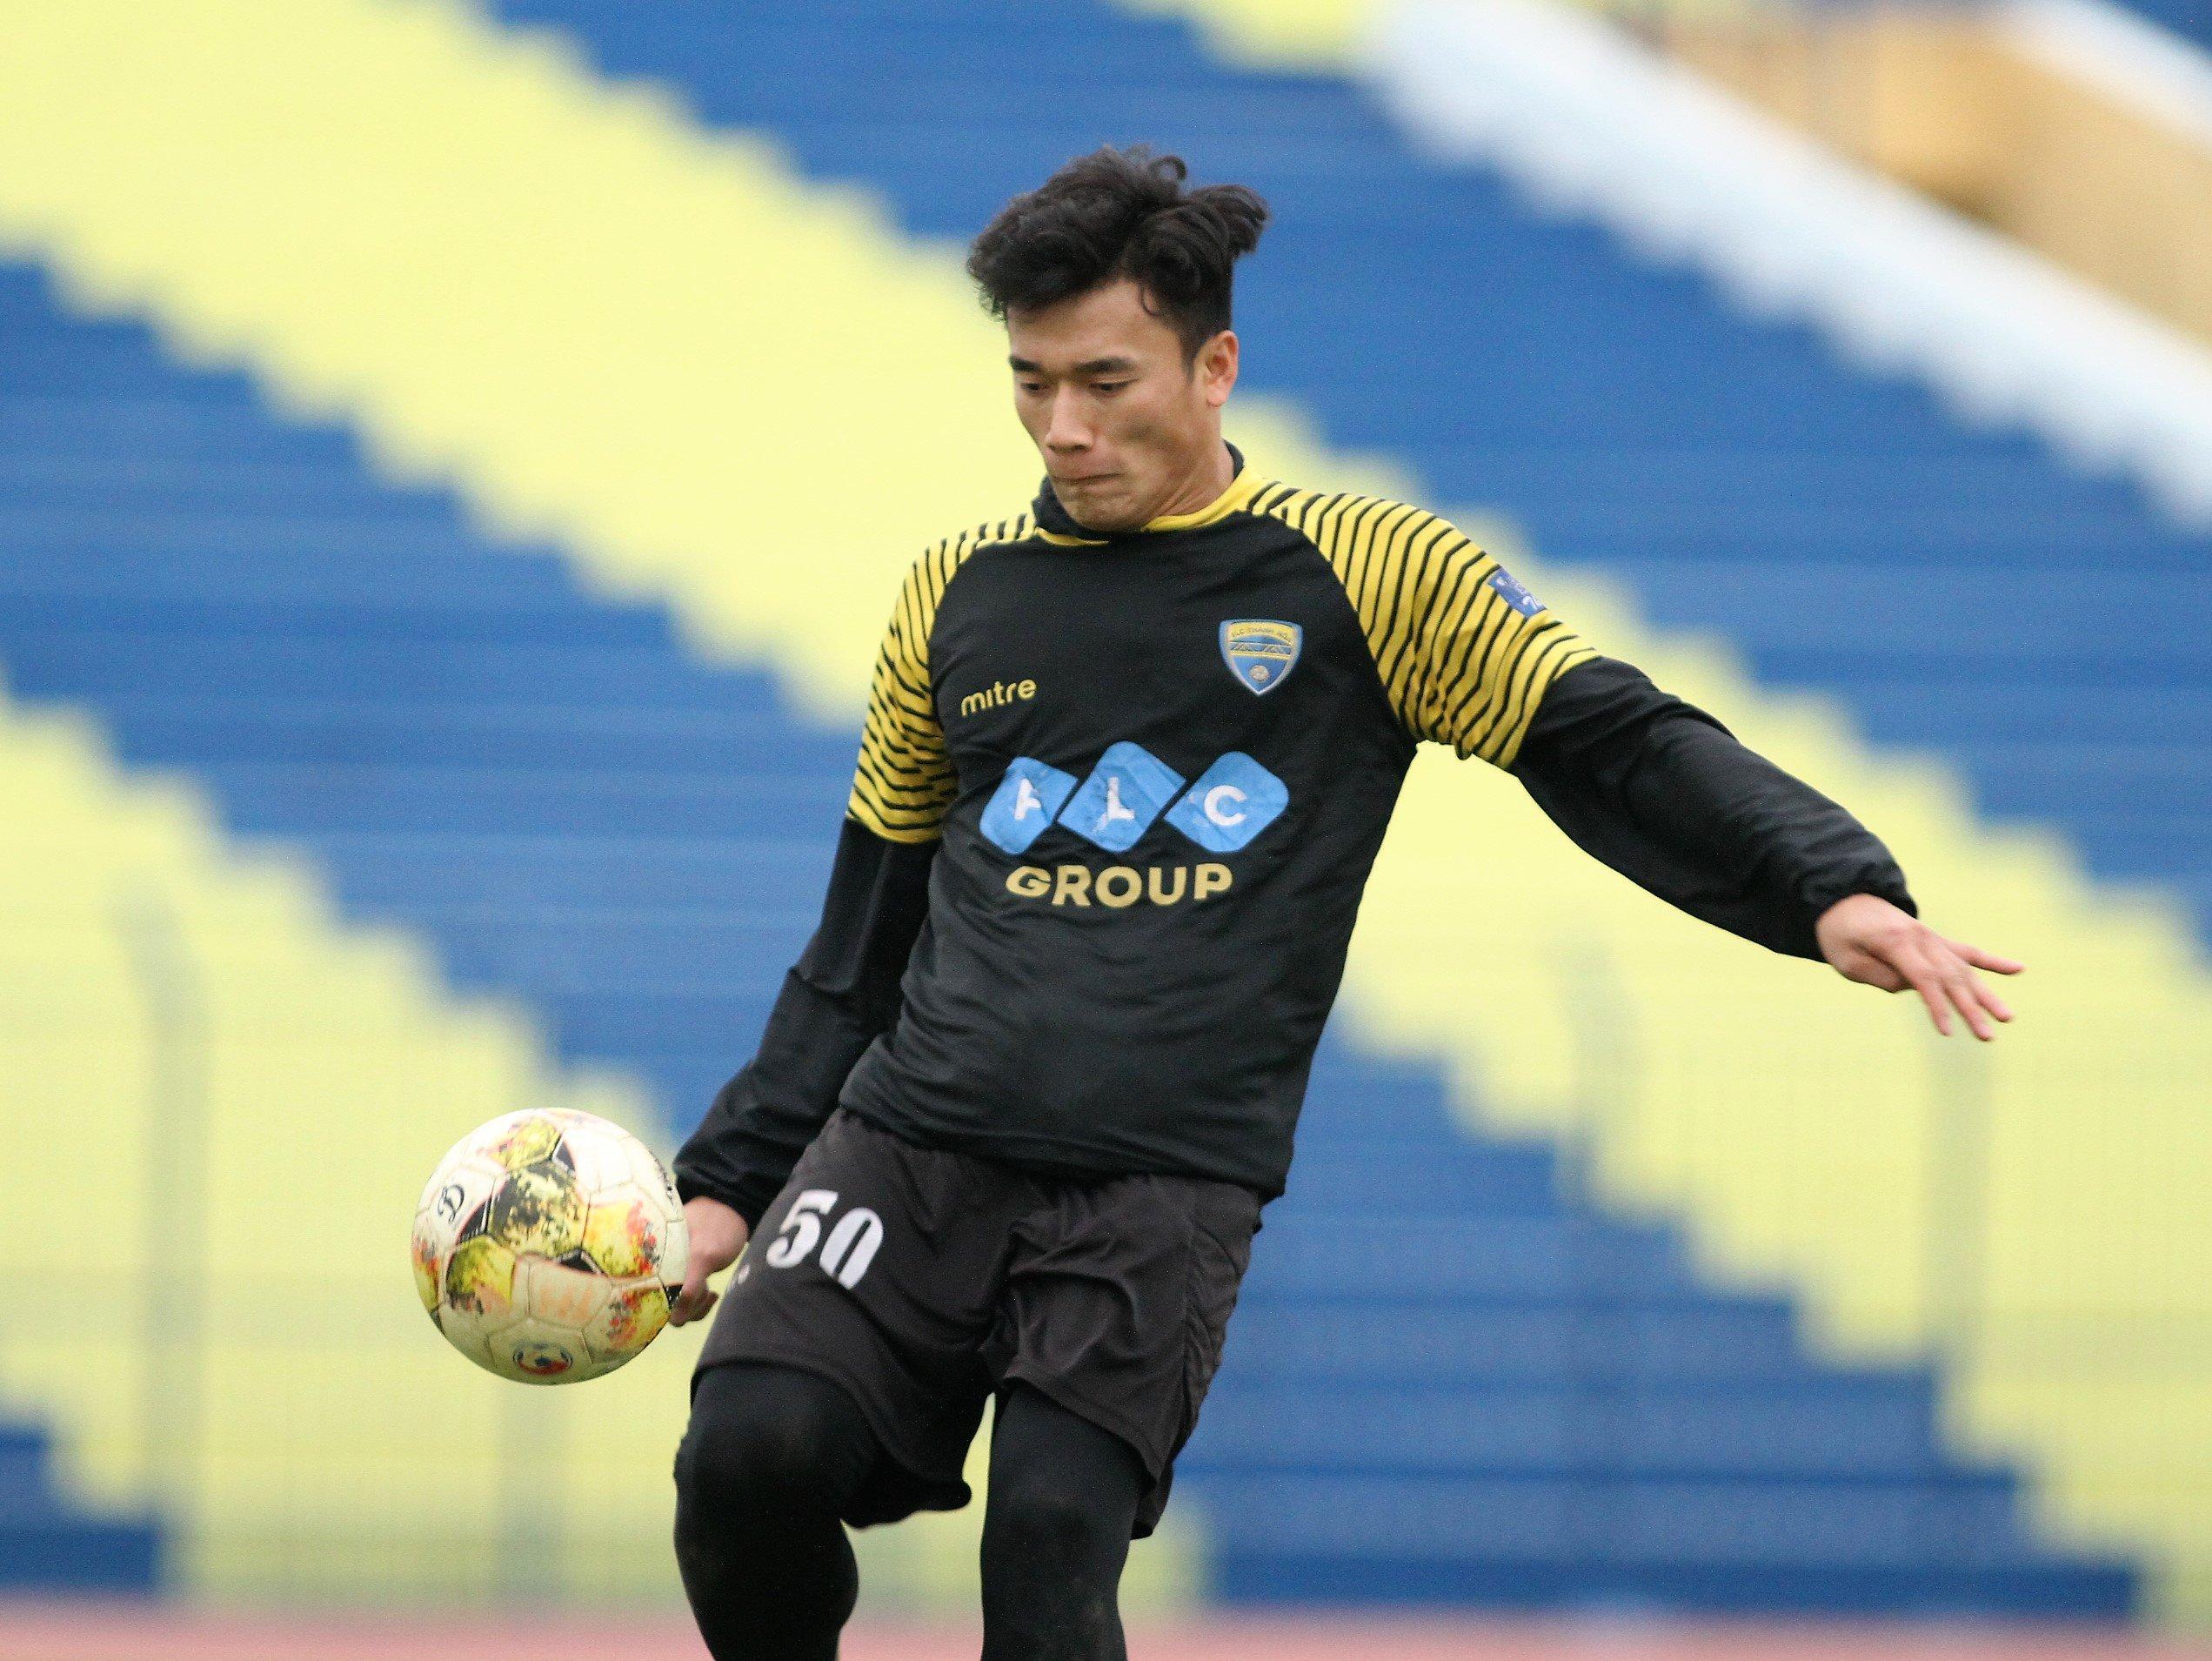 Khám phá nhân tướng xuất sắc của thủ môn Bùi Tiến Dũng, người hùng U23 Việt Nam khiến vạn chị em mê-5